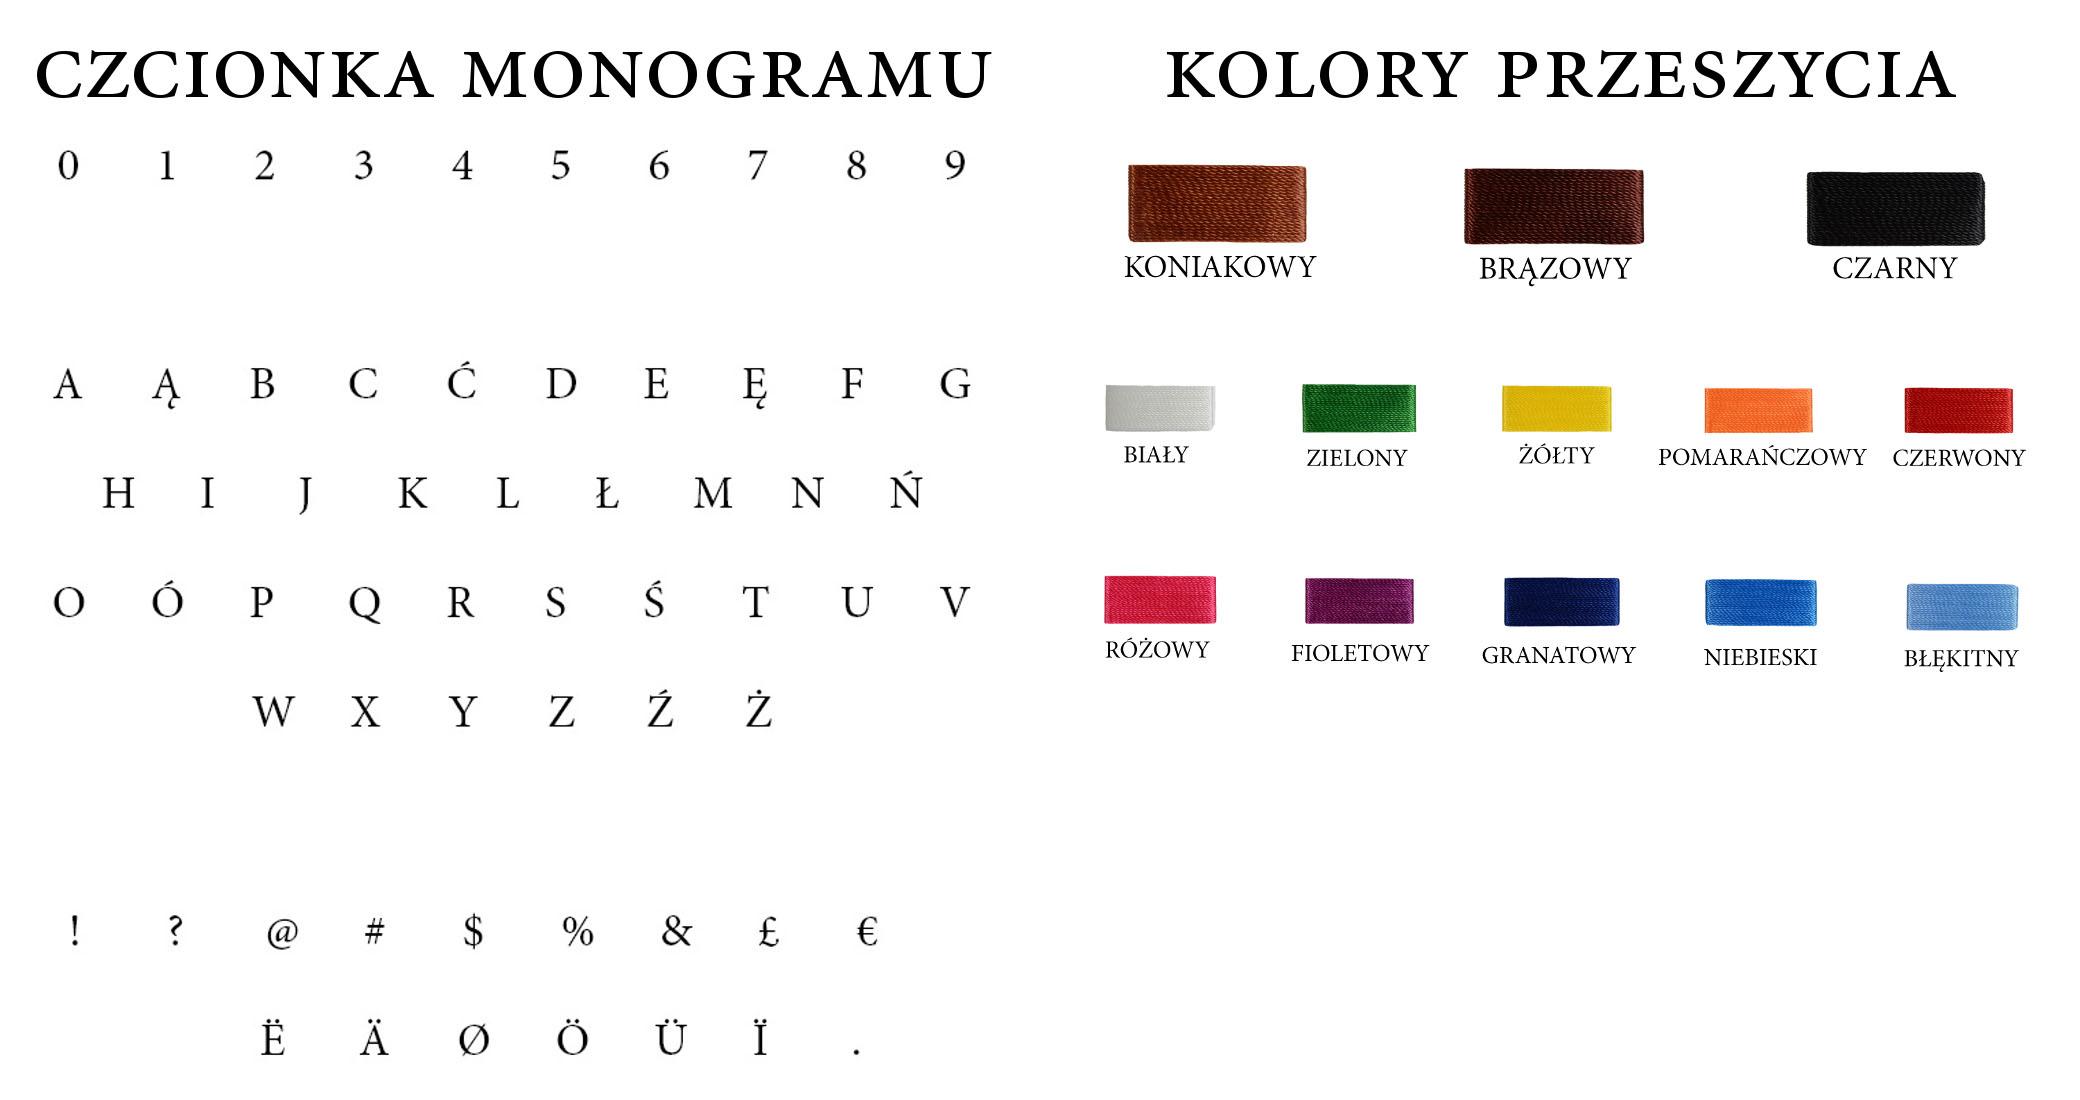 monogram i kolorowe przeszycia w portfelu